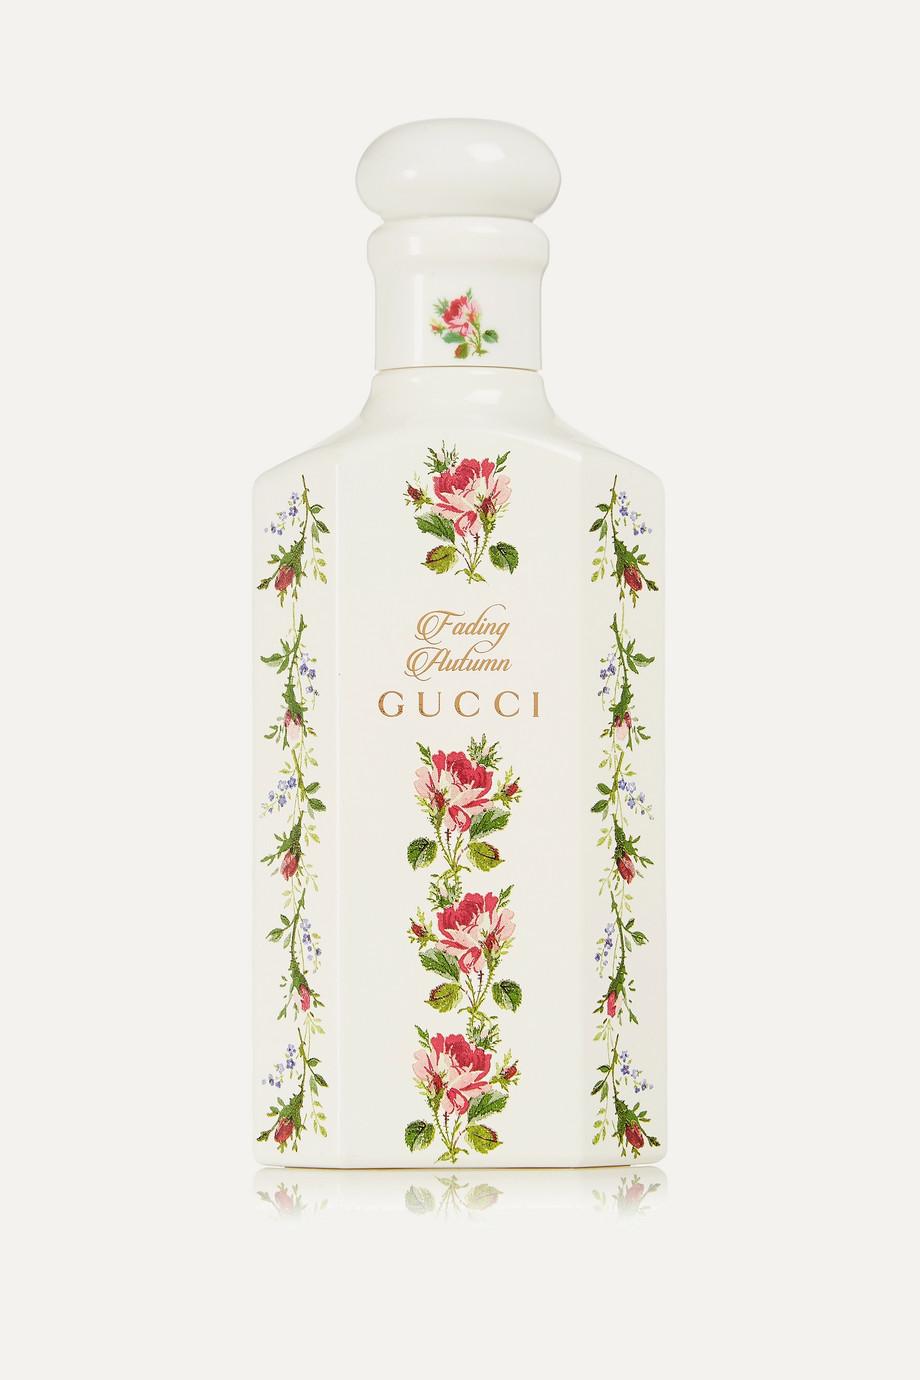 Gucci Beauty Gucci: The Alchemist's Garden - Fading Autumn Eau de Toilette, 150ml